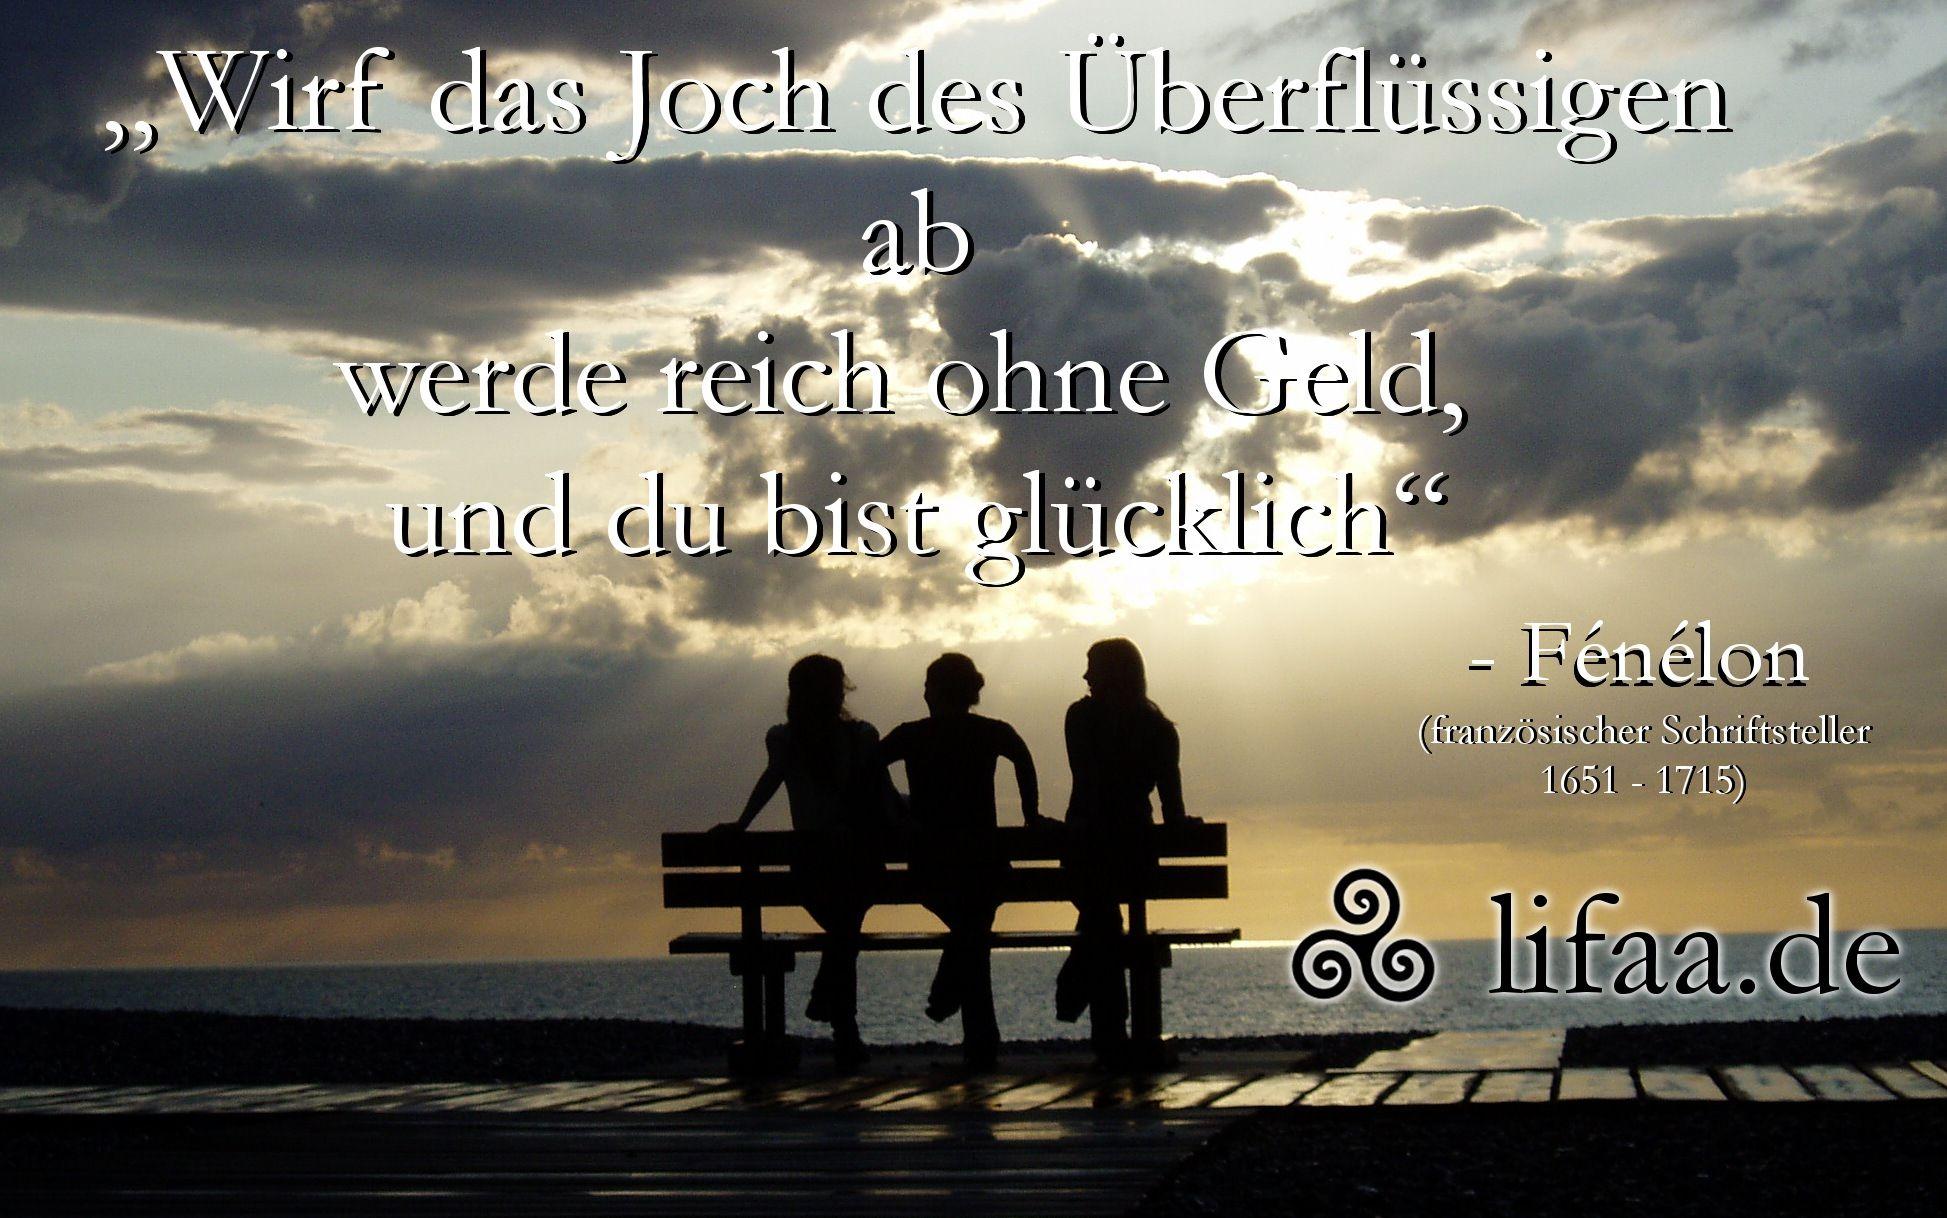 #Zitate #Leben #Weisheit #Sprüche #Reich #Glücklich ...